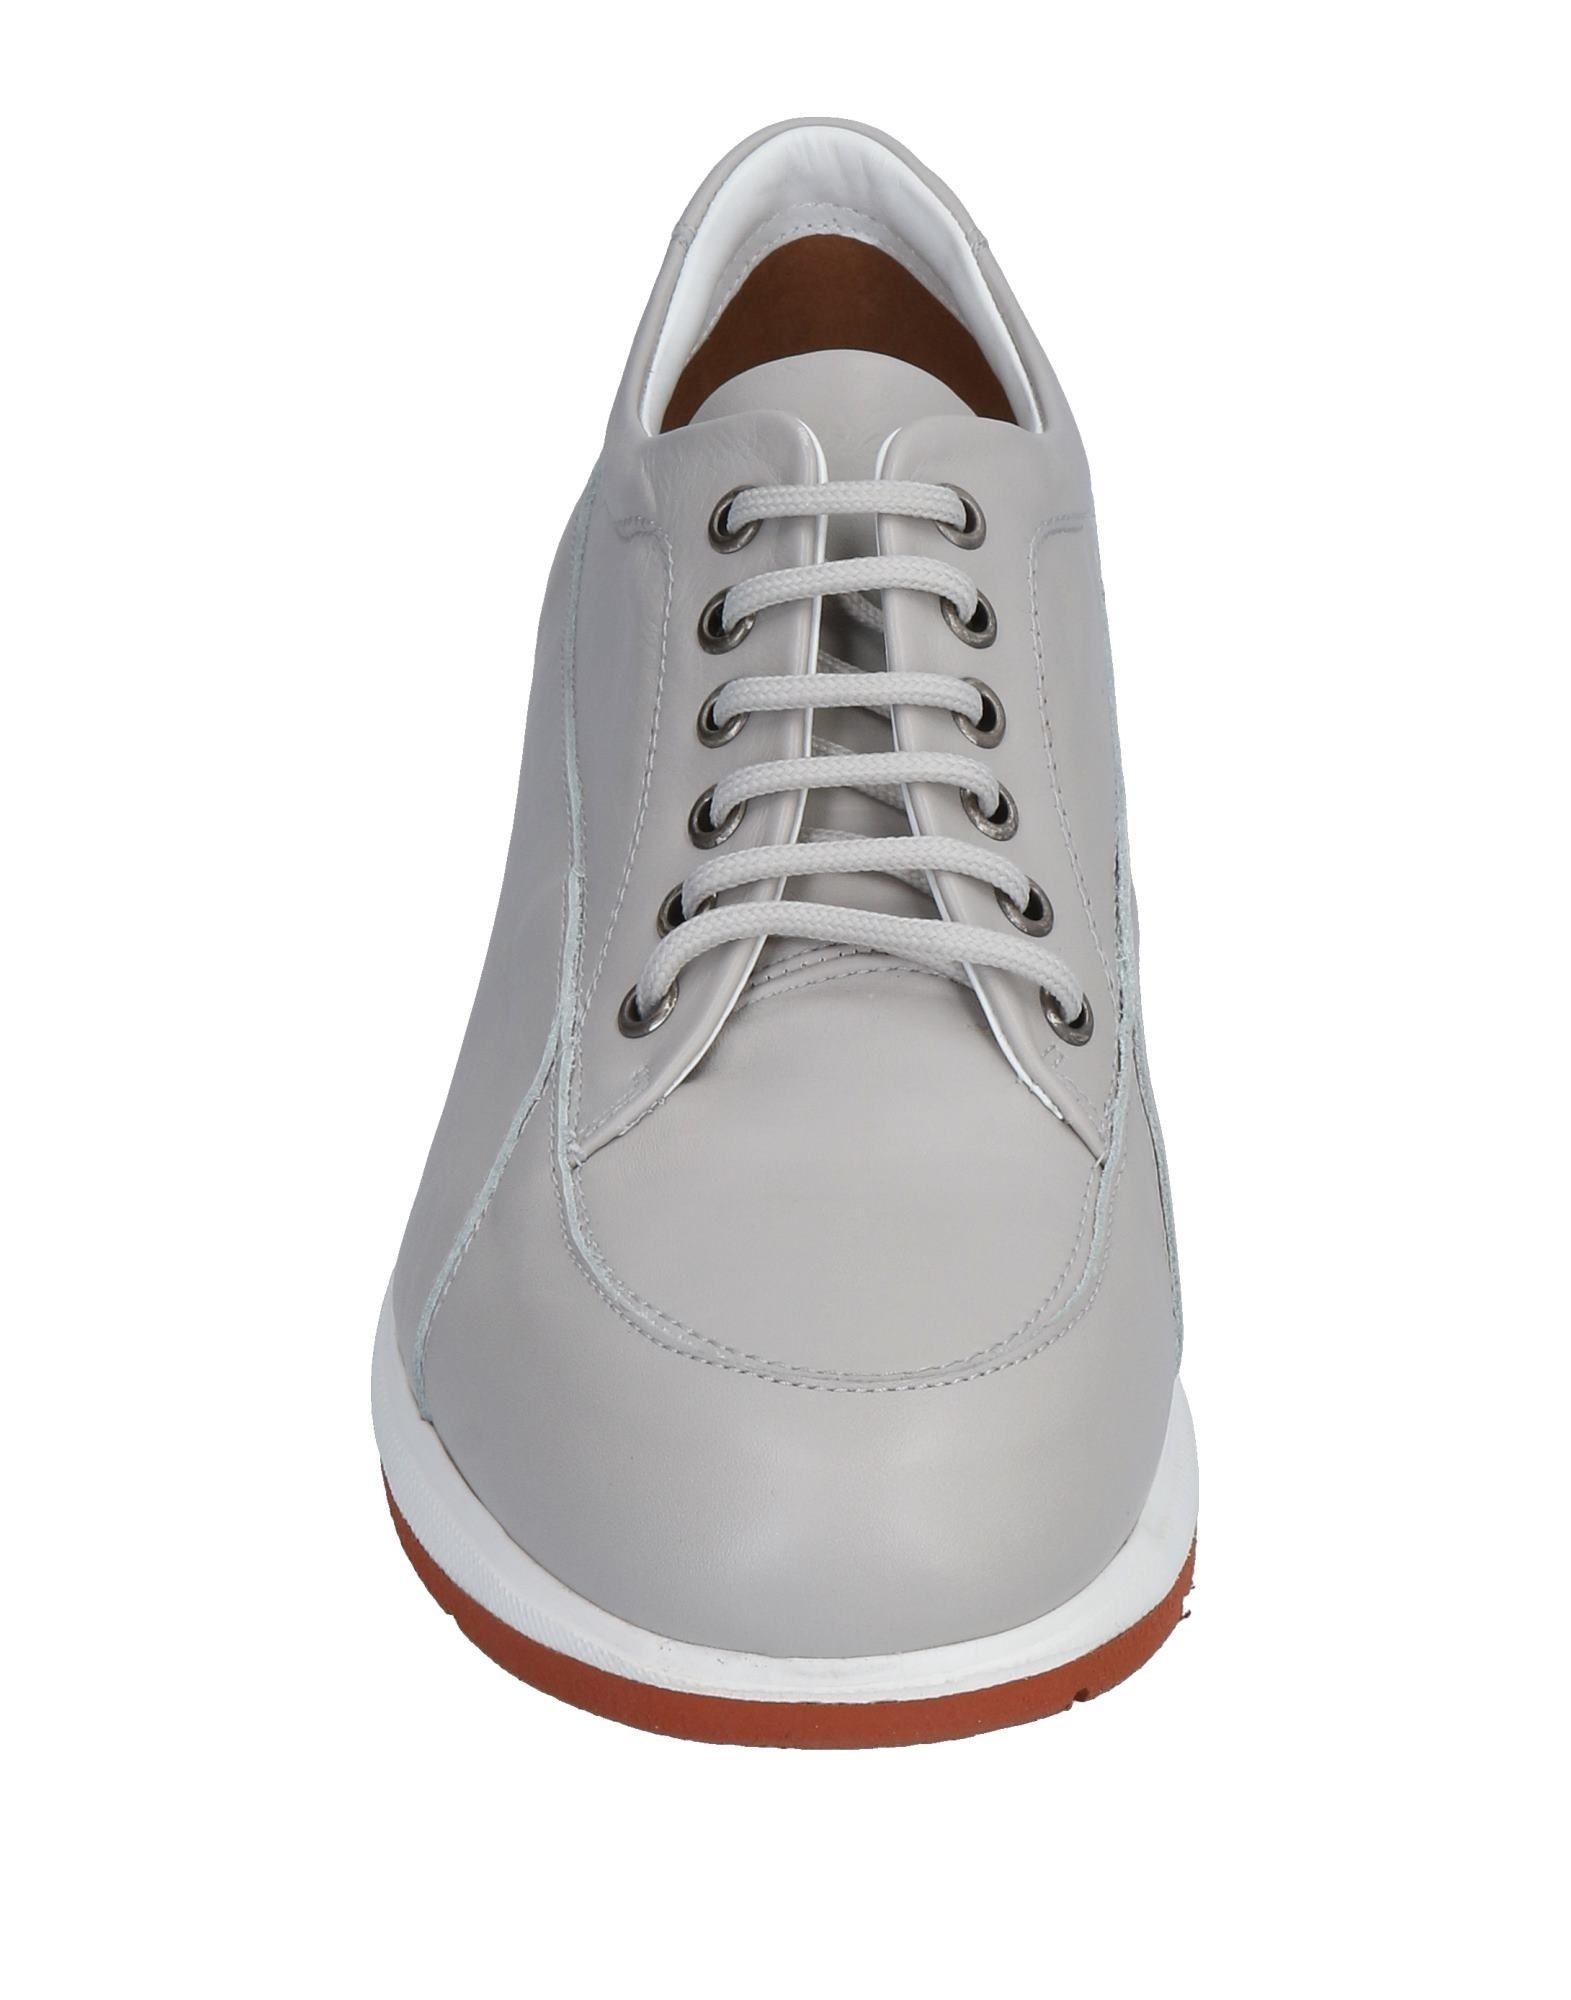 Rabatt Rabatt Rabatt echte Schuhe Barleycorn Sneakers Herren  11467313QX 58c540